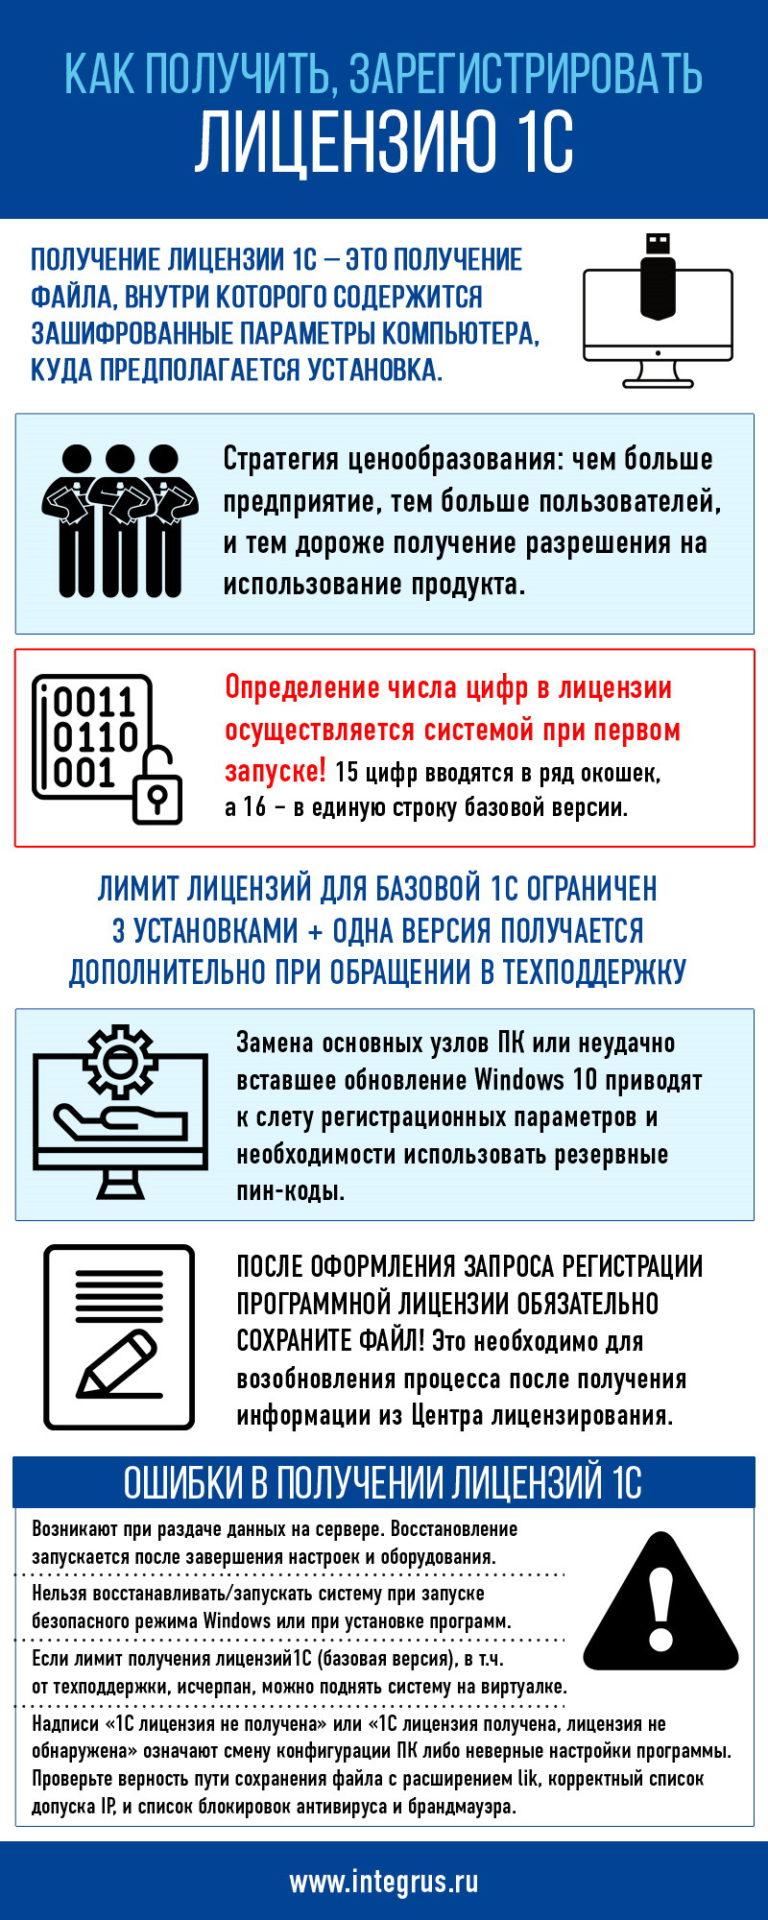 Как получить, зарегистрировать лицензию 1С